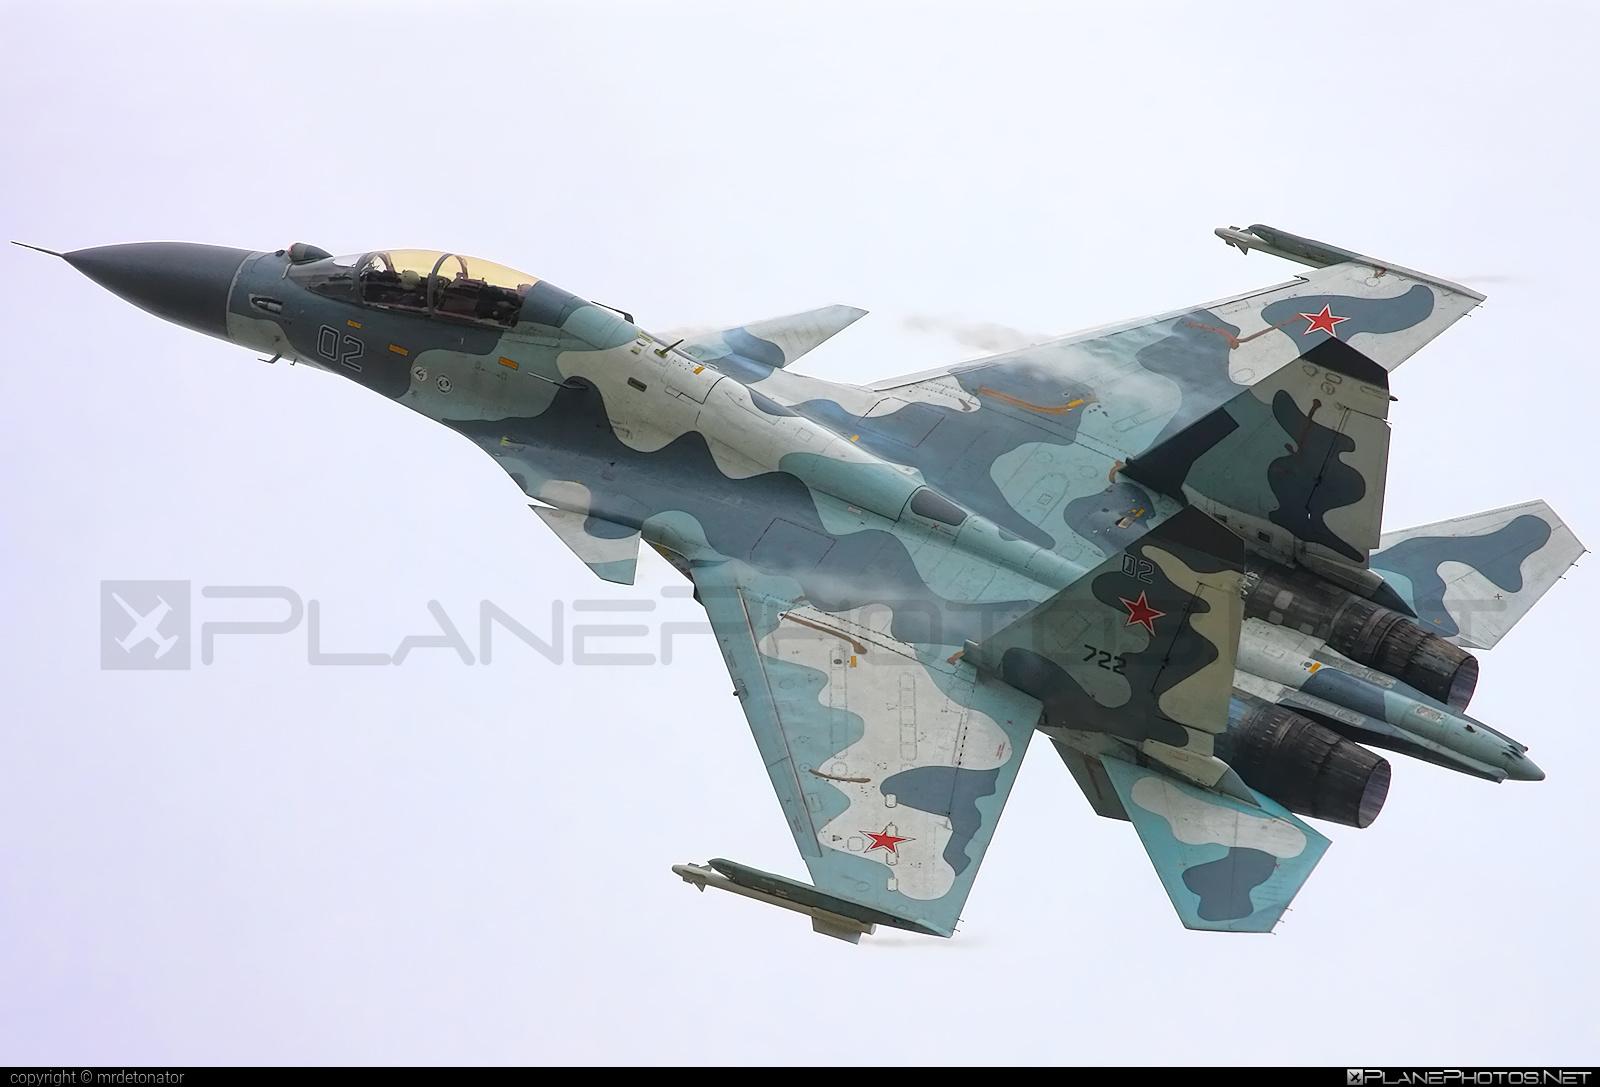 Sukhoi SU-30MK - 02 operated by Sukhoi Design Bureau #maks2009 #sukhoi